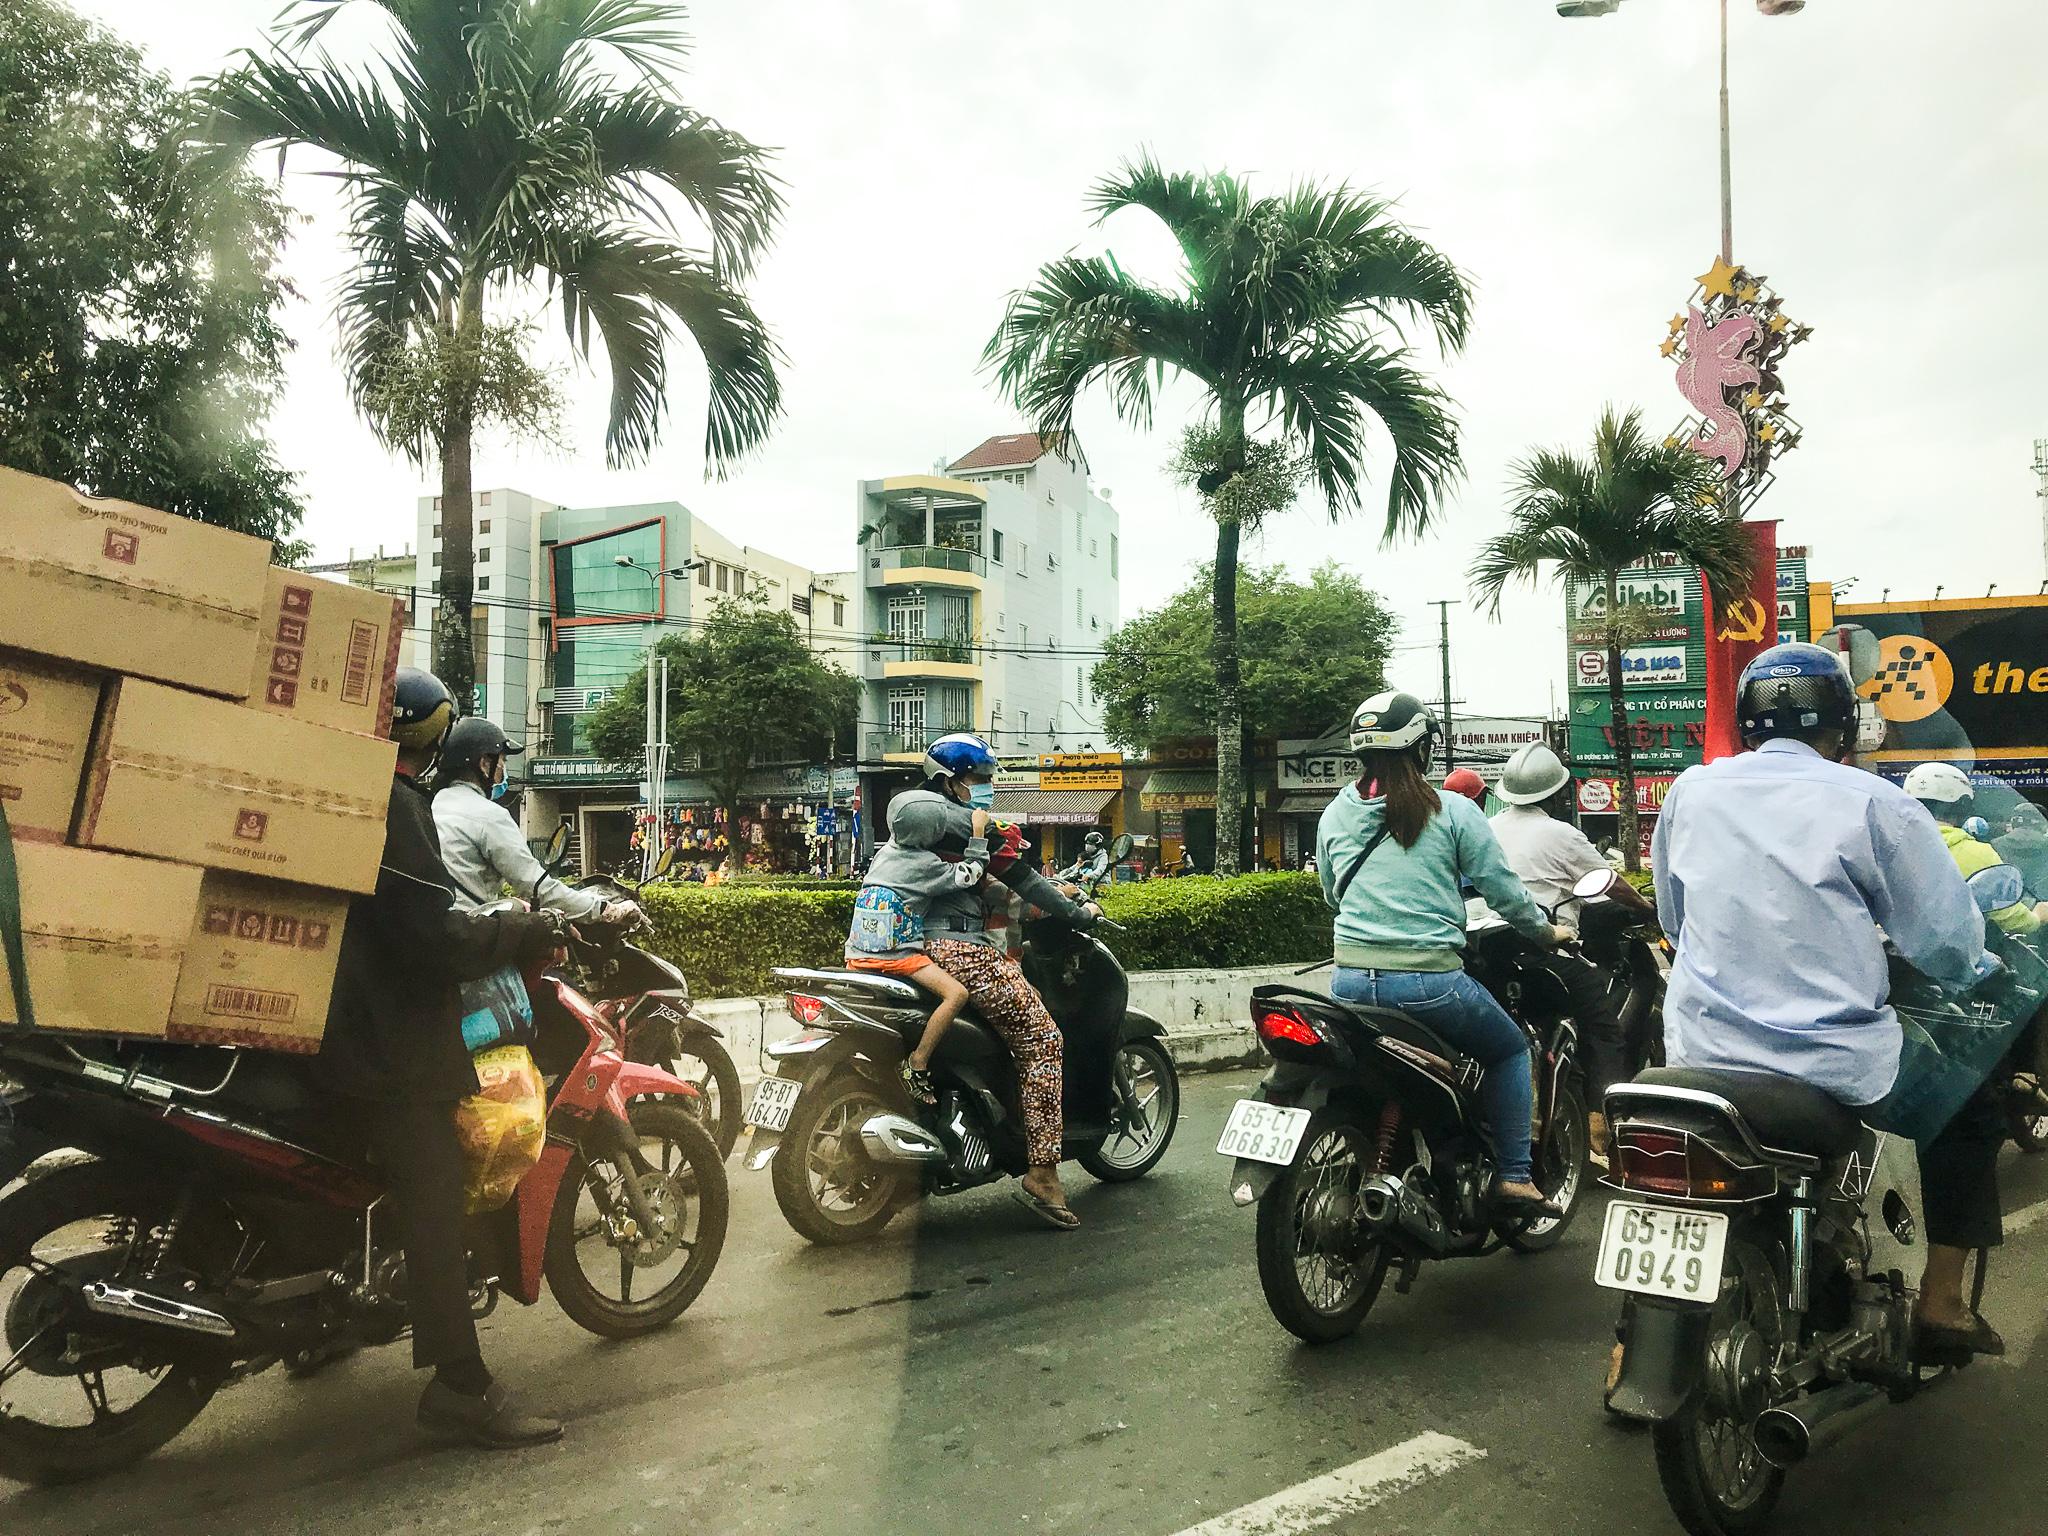 Verkehrschaos Ho Chi Minh